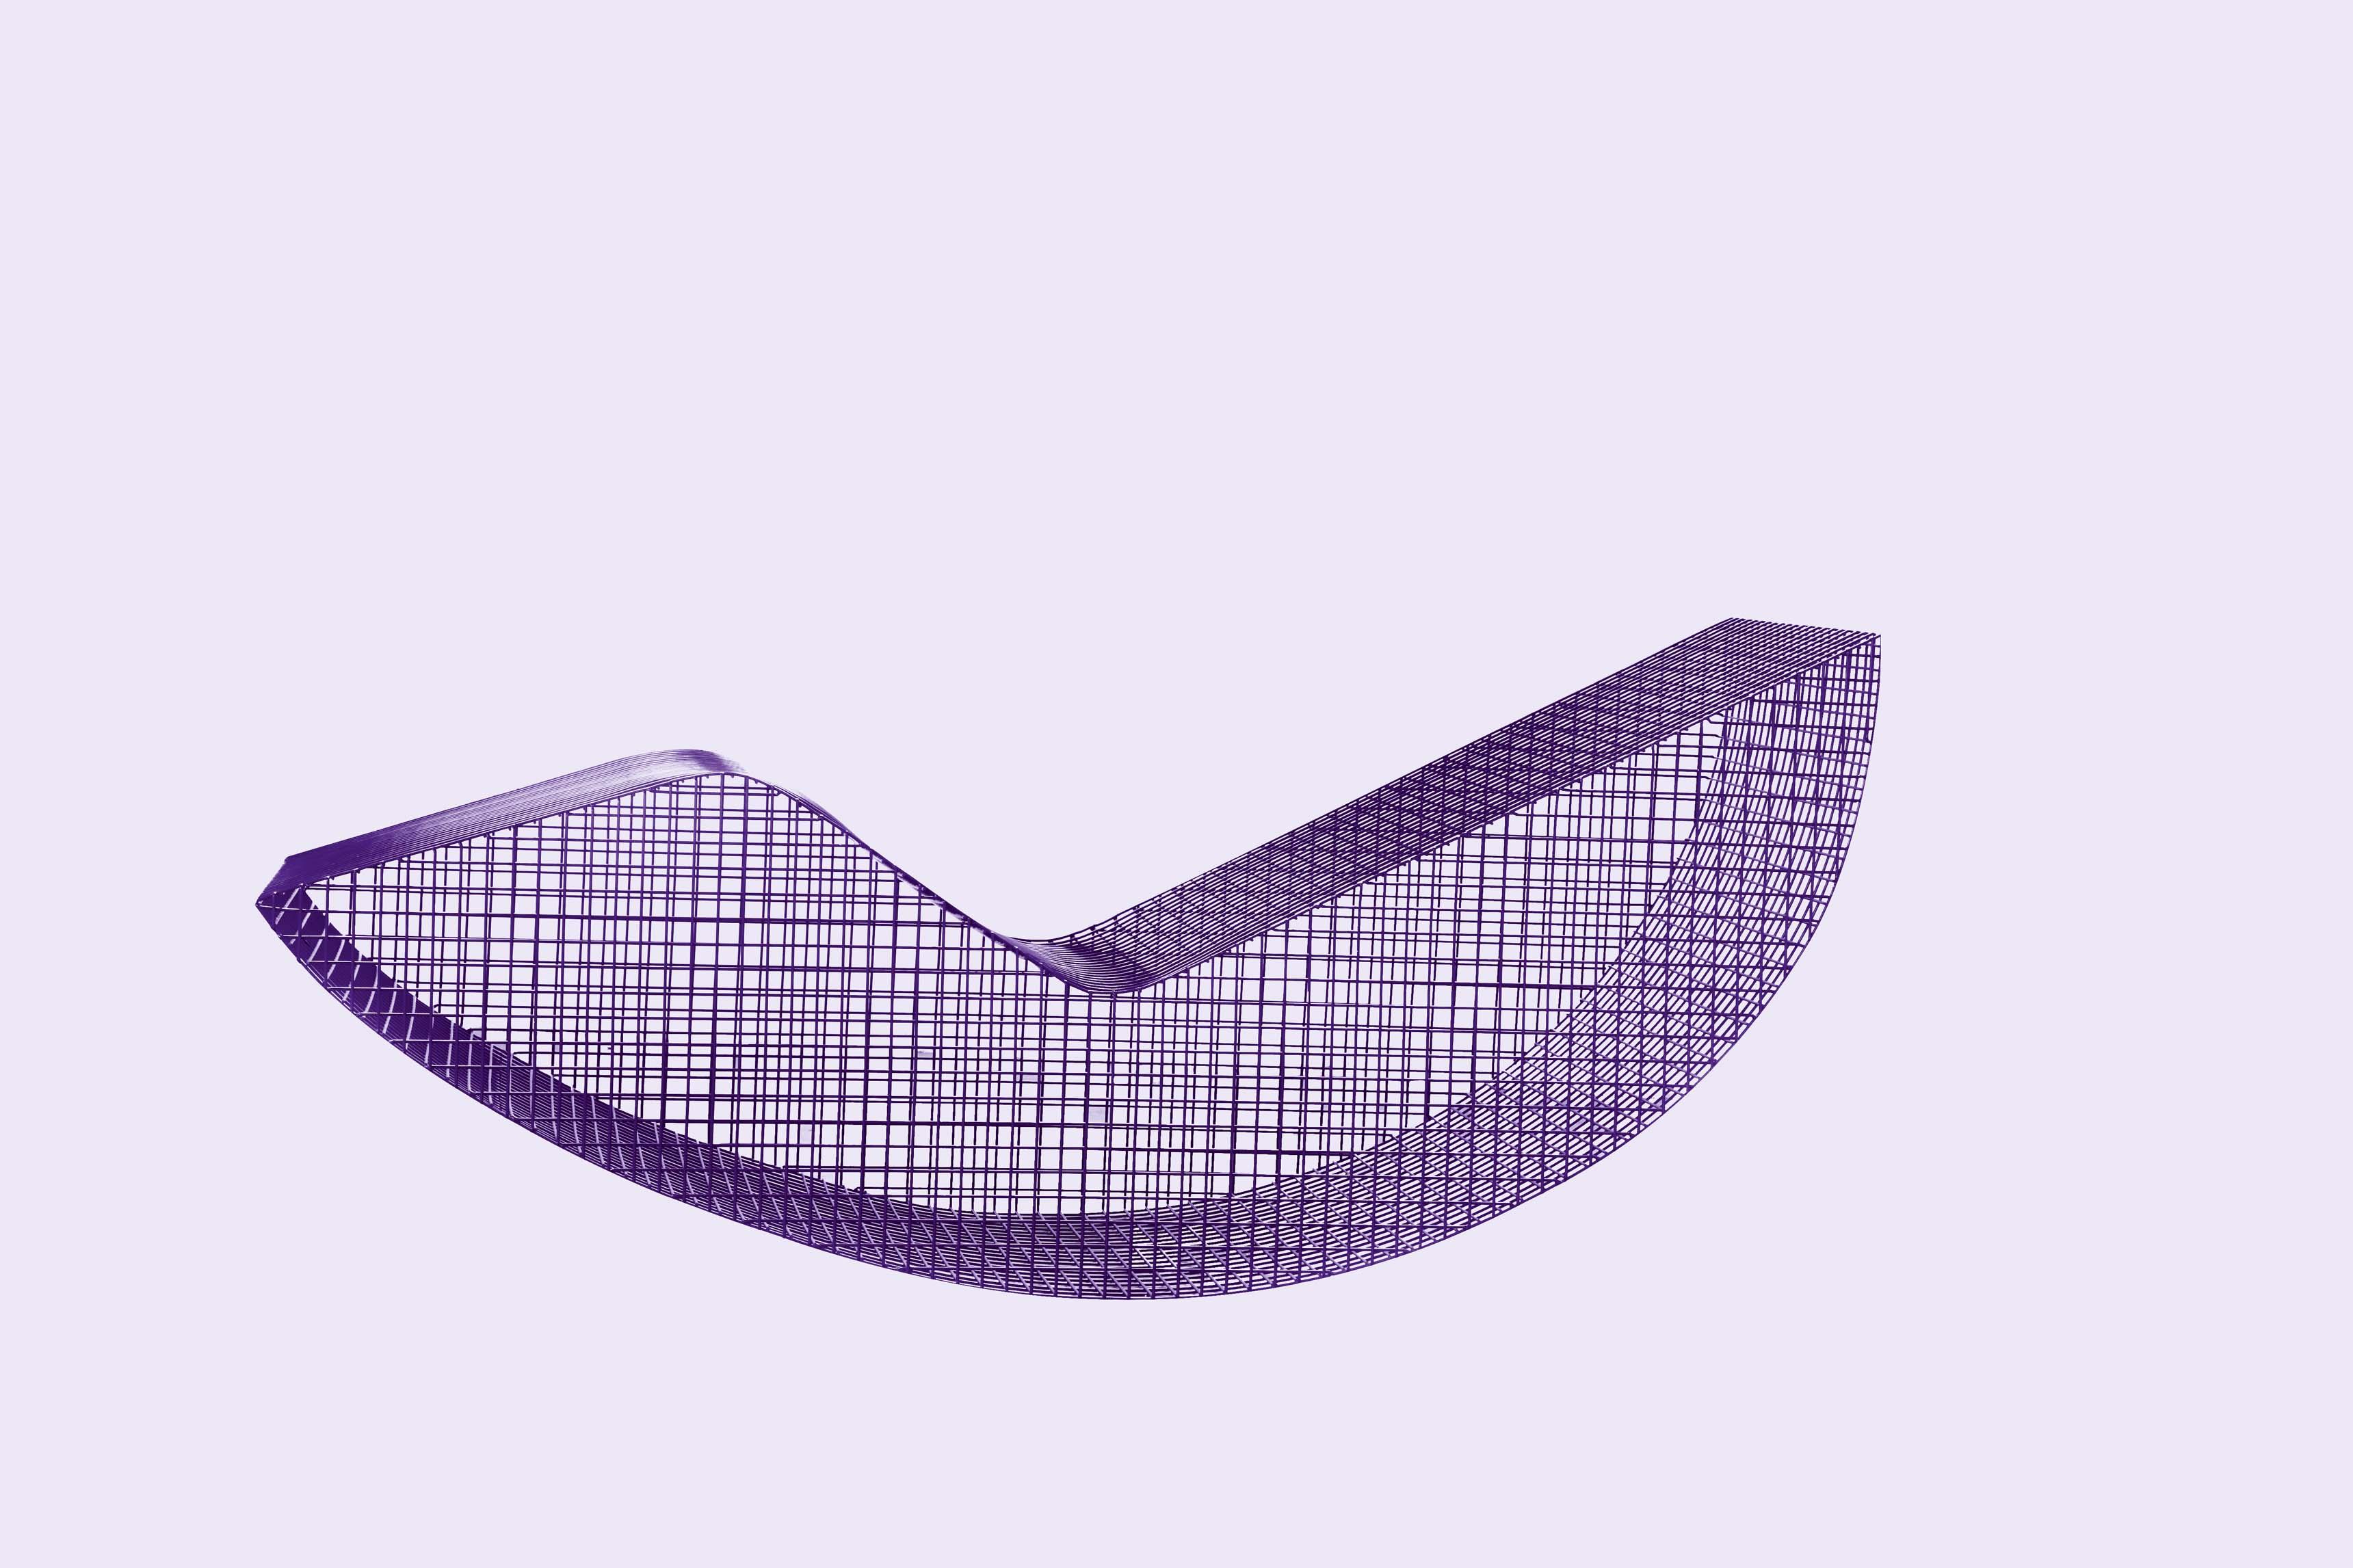 WireS#6 de Muller Van Severen (2016). Chaise longue en Inox laqué. Éditée par la Solo Galerie